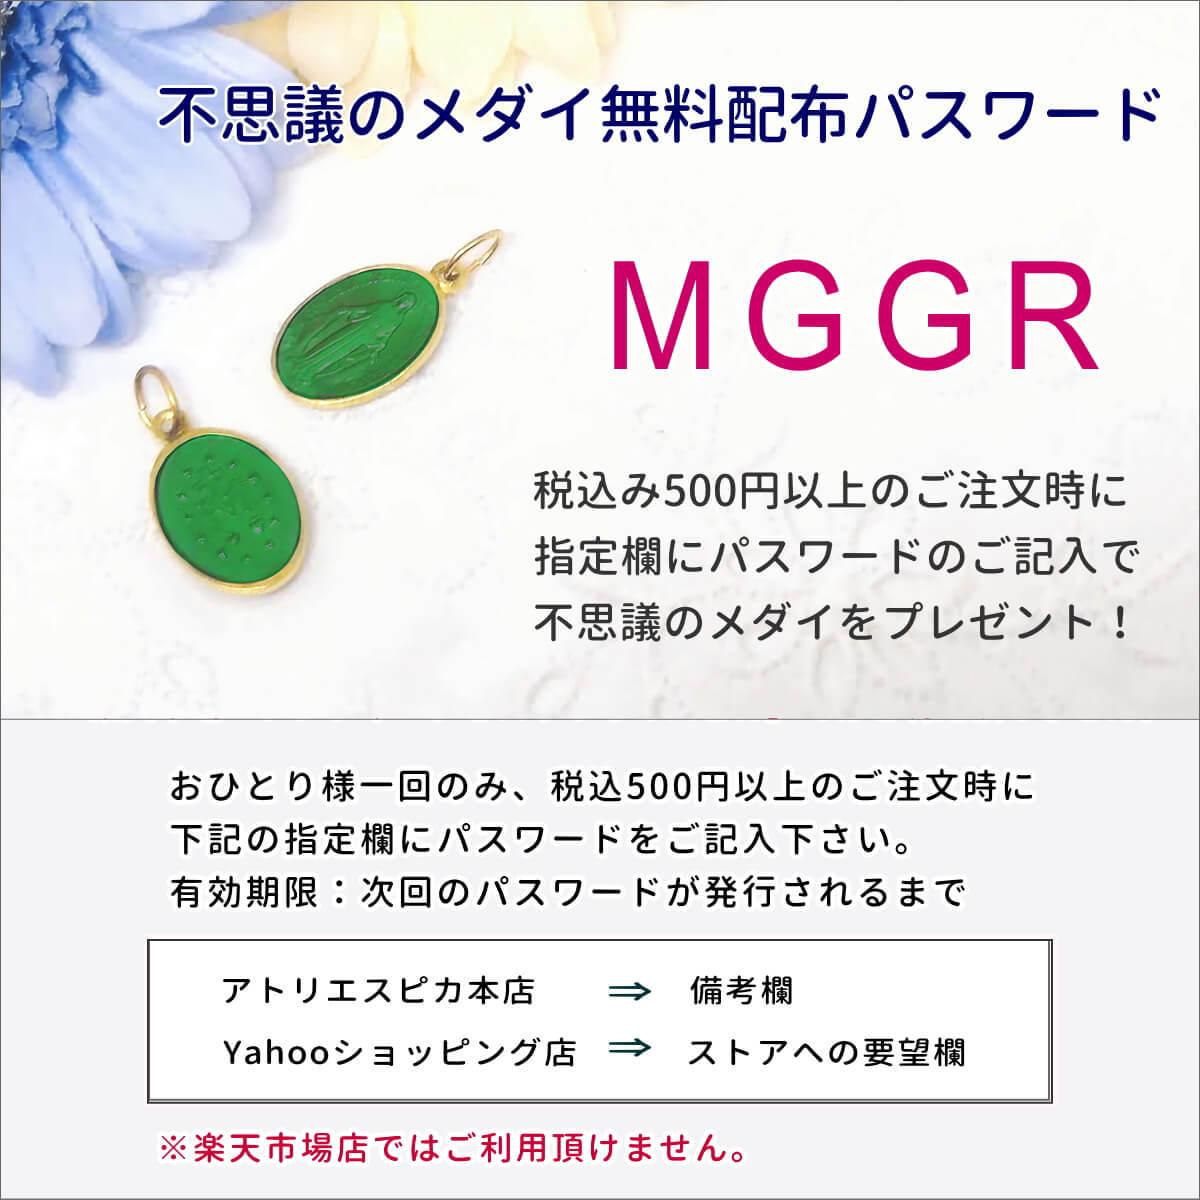 不思議のメダイ配布パスワード【MGGR】